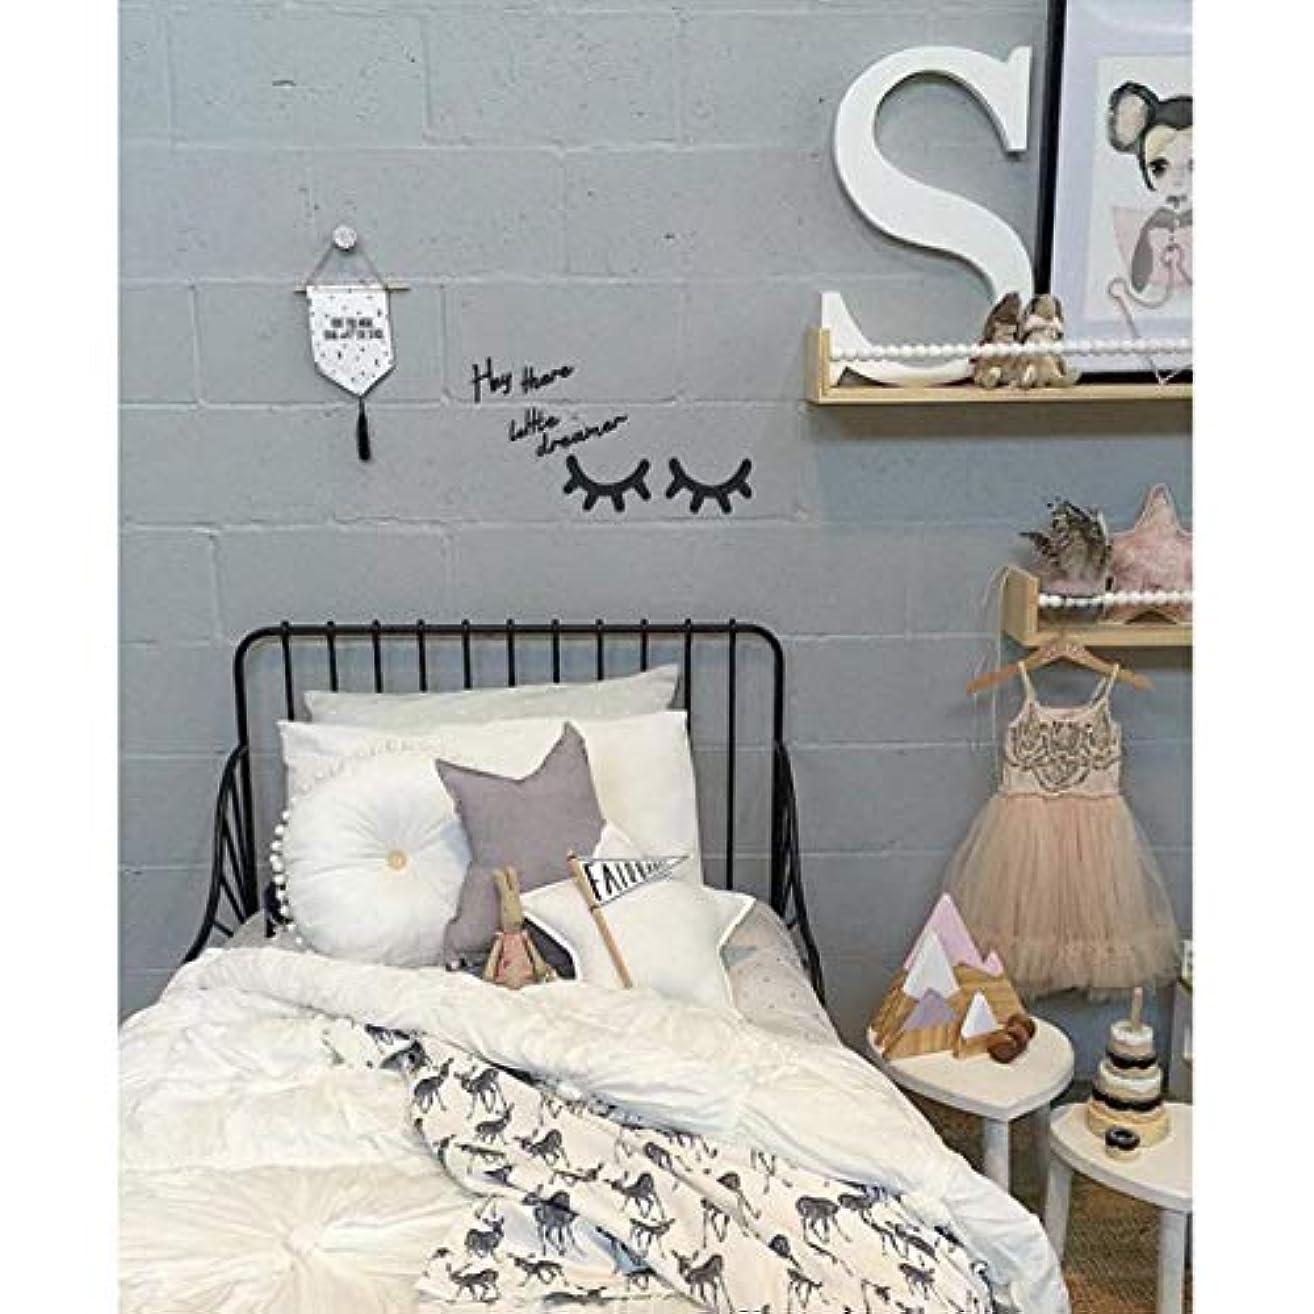 パズルサリー失望させるVosarea キラキラ木製まつげパターンウォールステッカー用キッズパーティー寝室の背景部屋の装飾diyまつげパターンウォールステッカーブラック